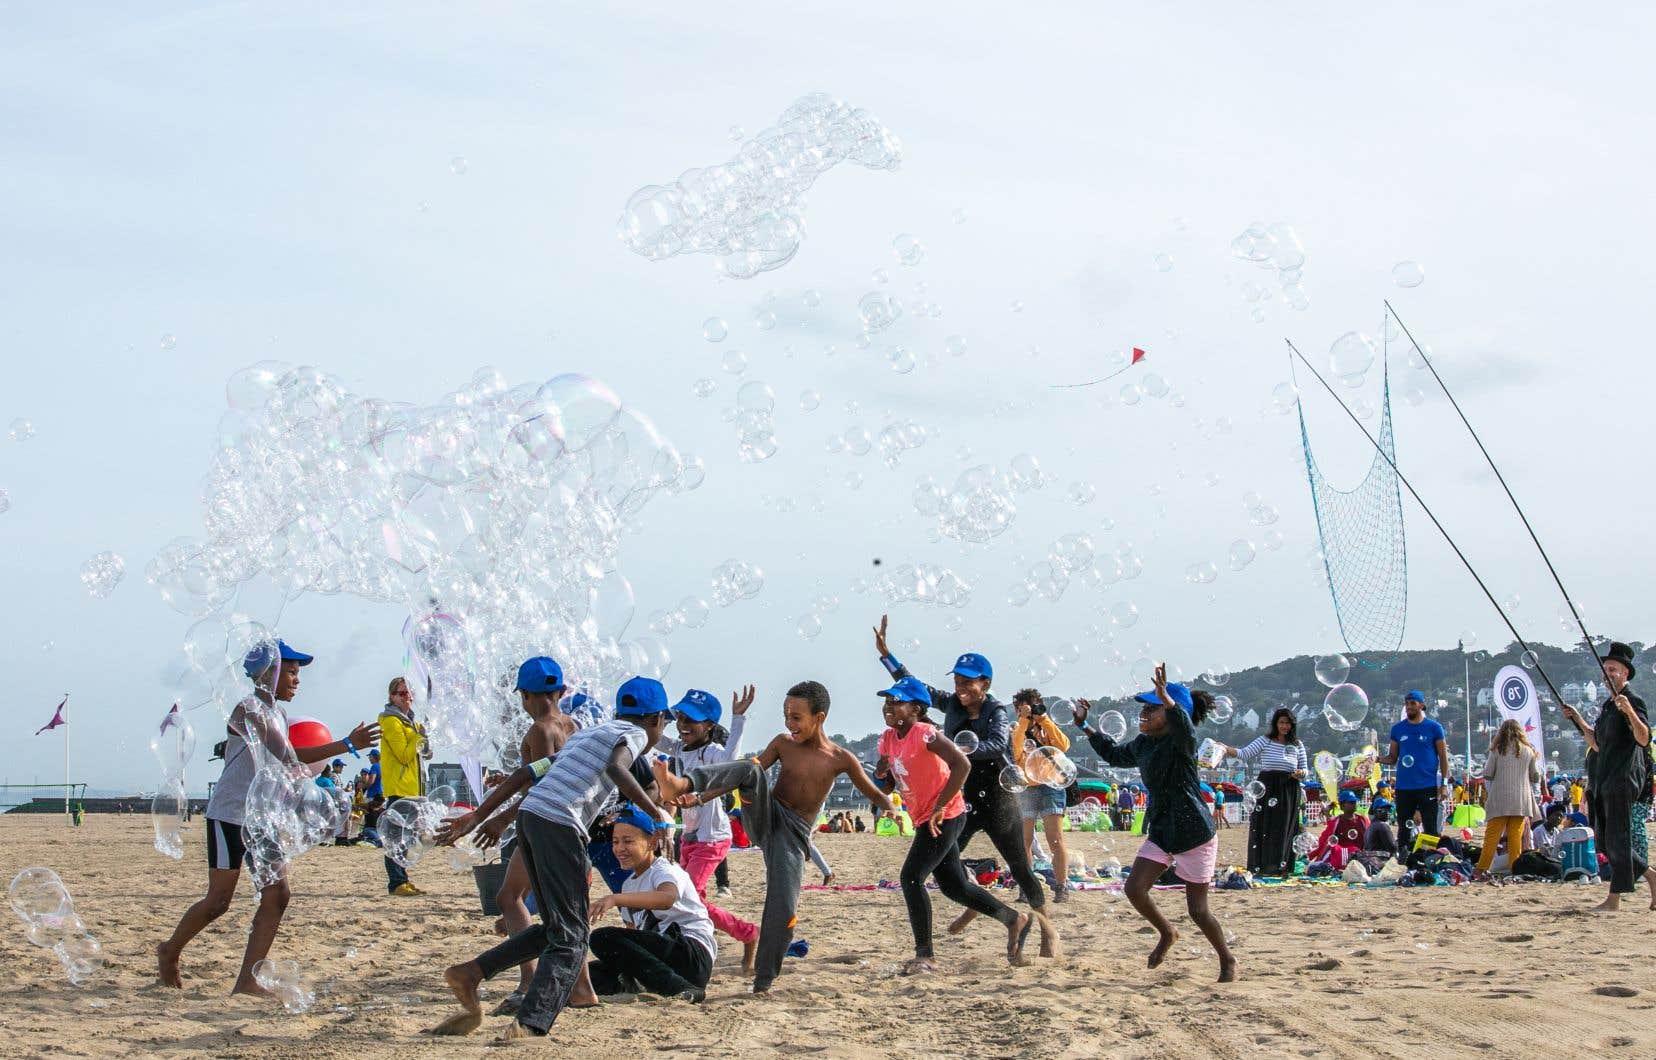 La Journée des oubliés des vacances (JOV) organisée mercredi à Deauville par l'association, a permis à 5 000 enfants de la région parisienne d'aller à la mer.